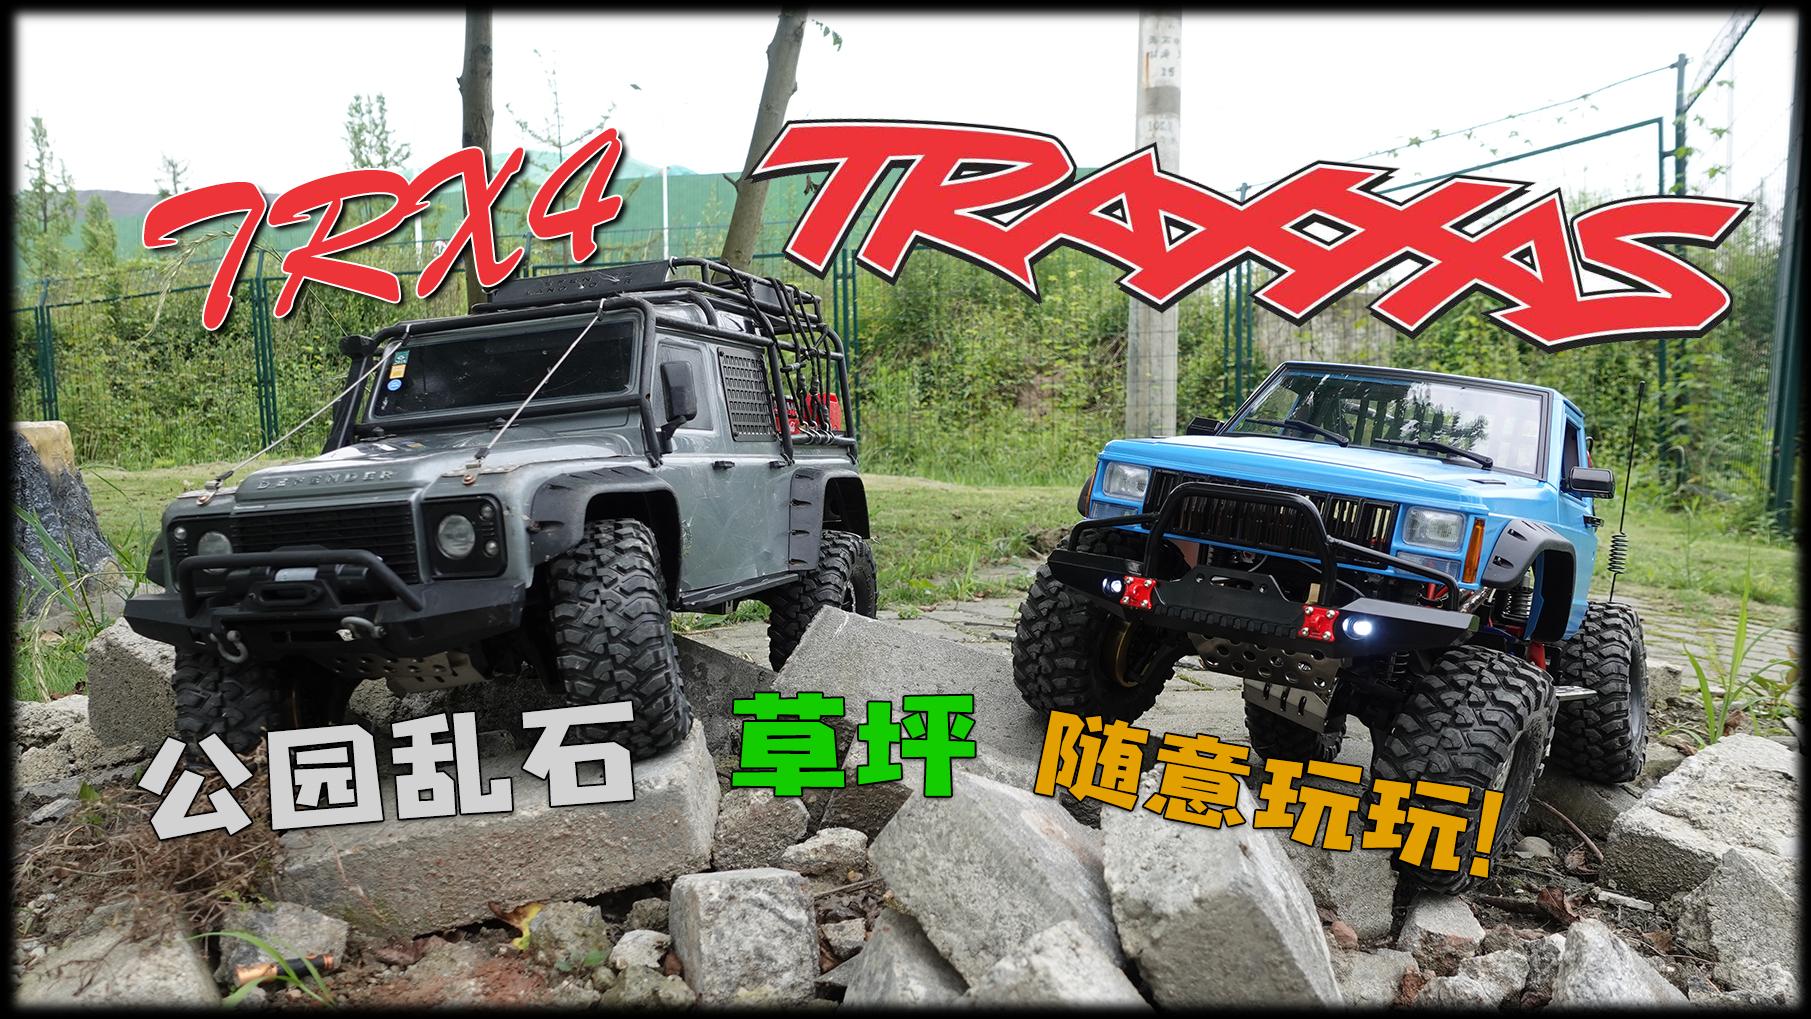 Traxxas TRX4 T4 公园和乱石漫步!324路虎和313吉普,走起!#RC遥控车#攀爬车